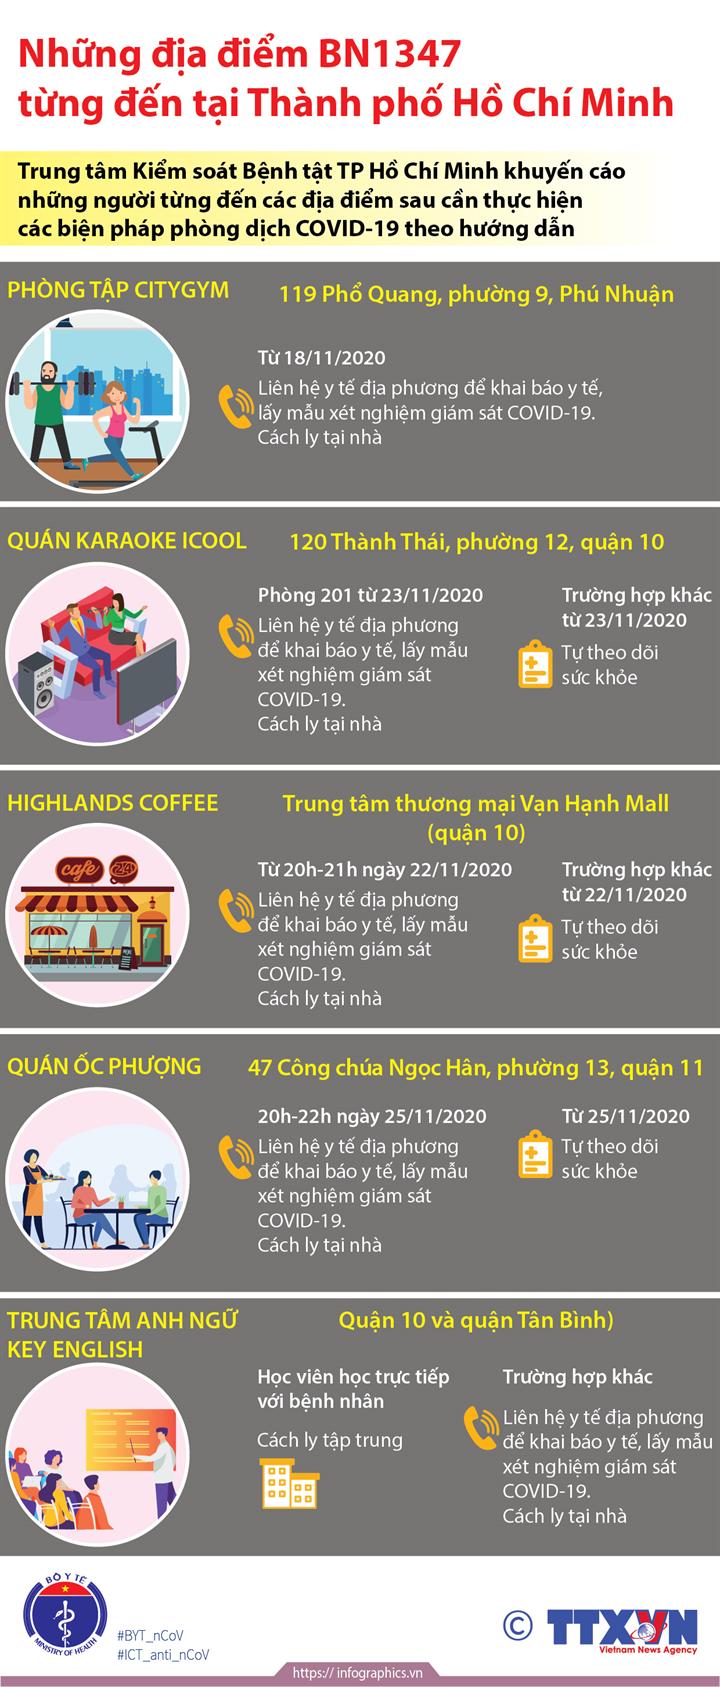 Những địa điểm BN1347 từng đến tại Thành phố Hồ Chí Minh